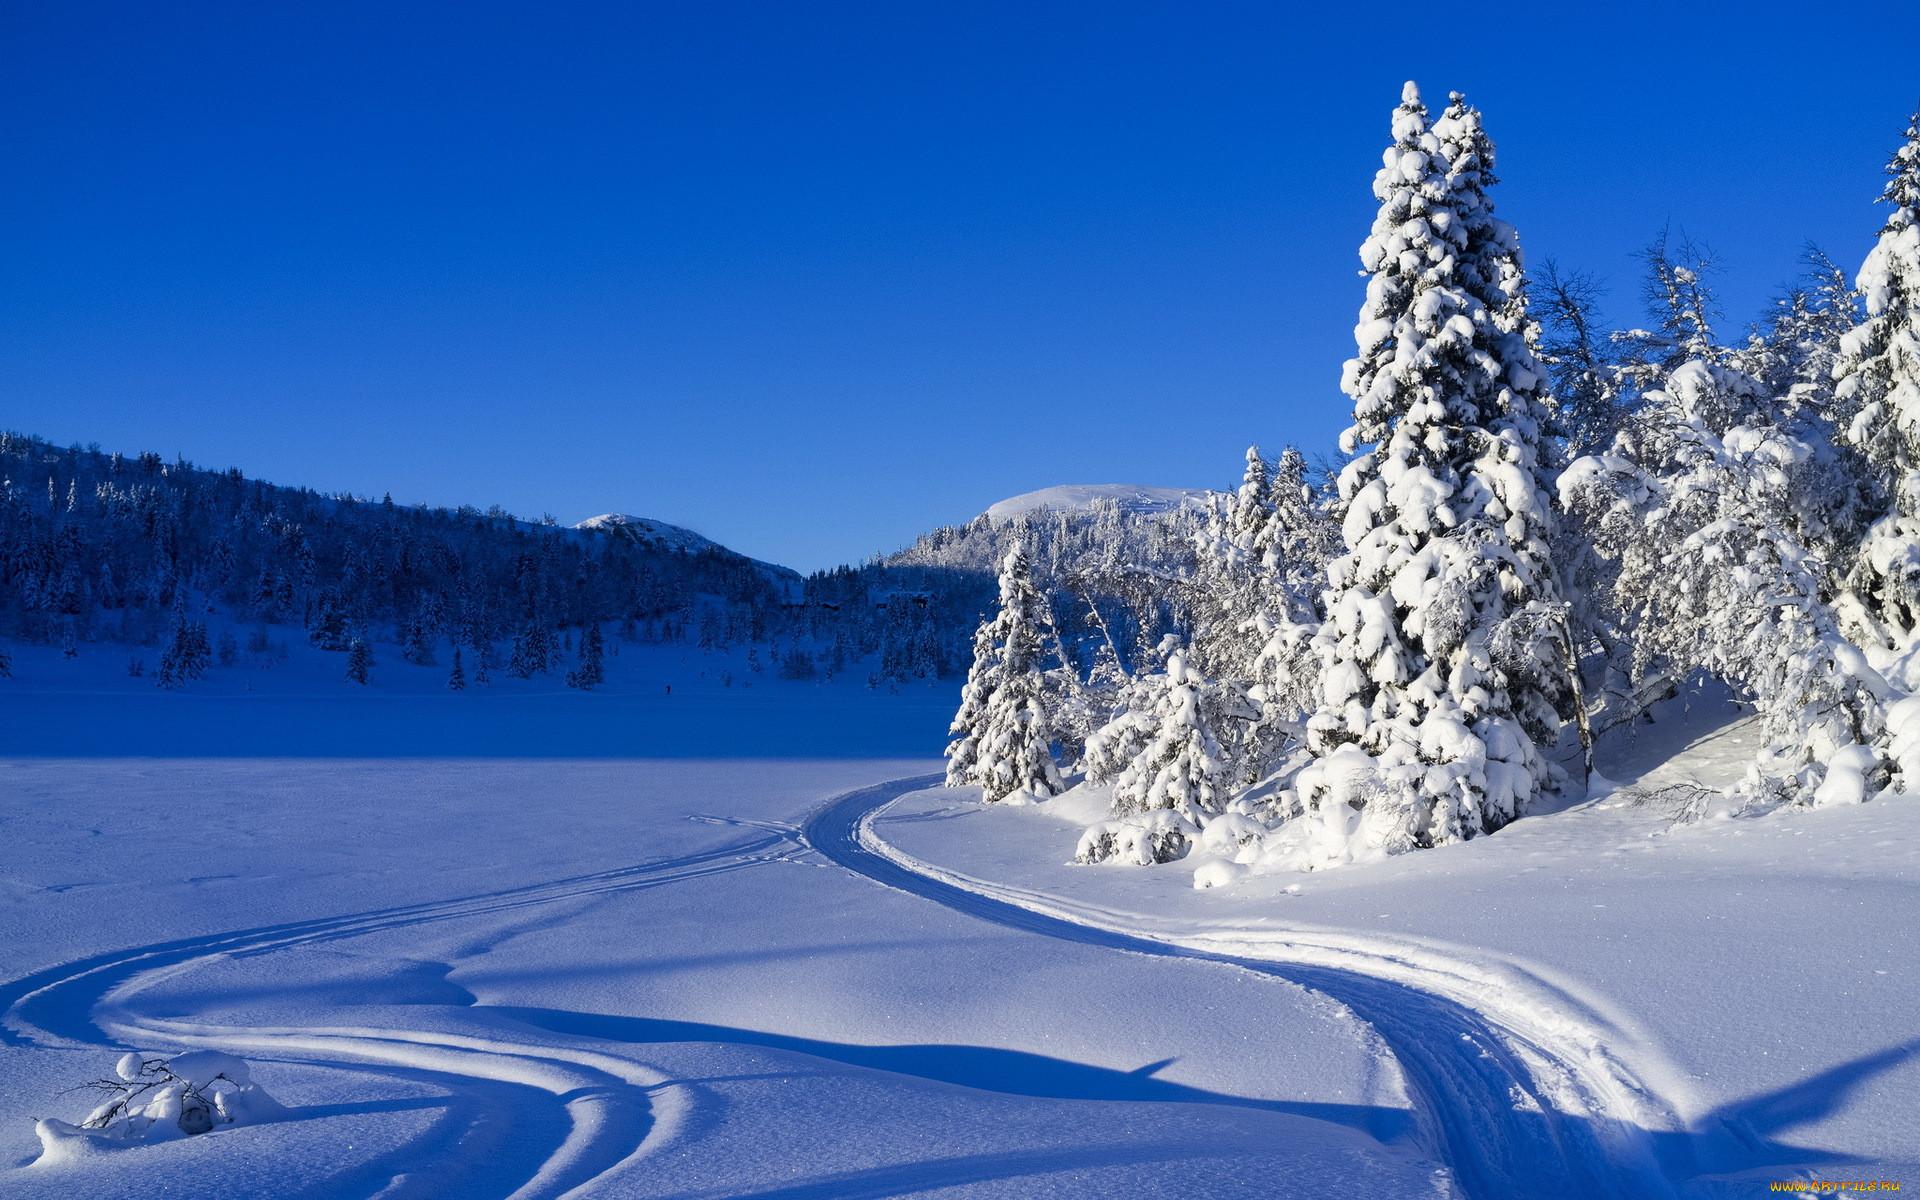 Красивые Зимние Обои На Рабочий